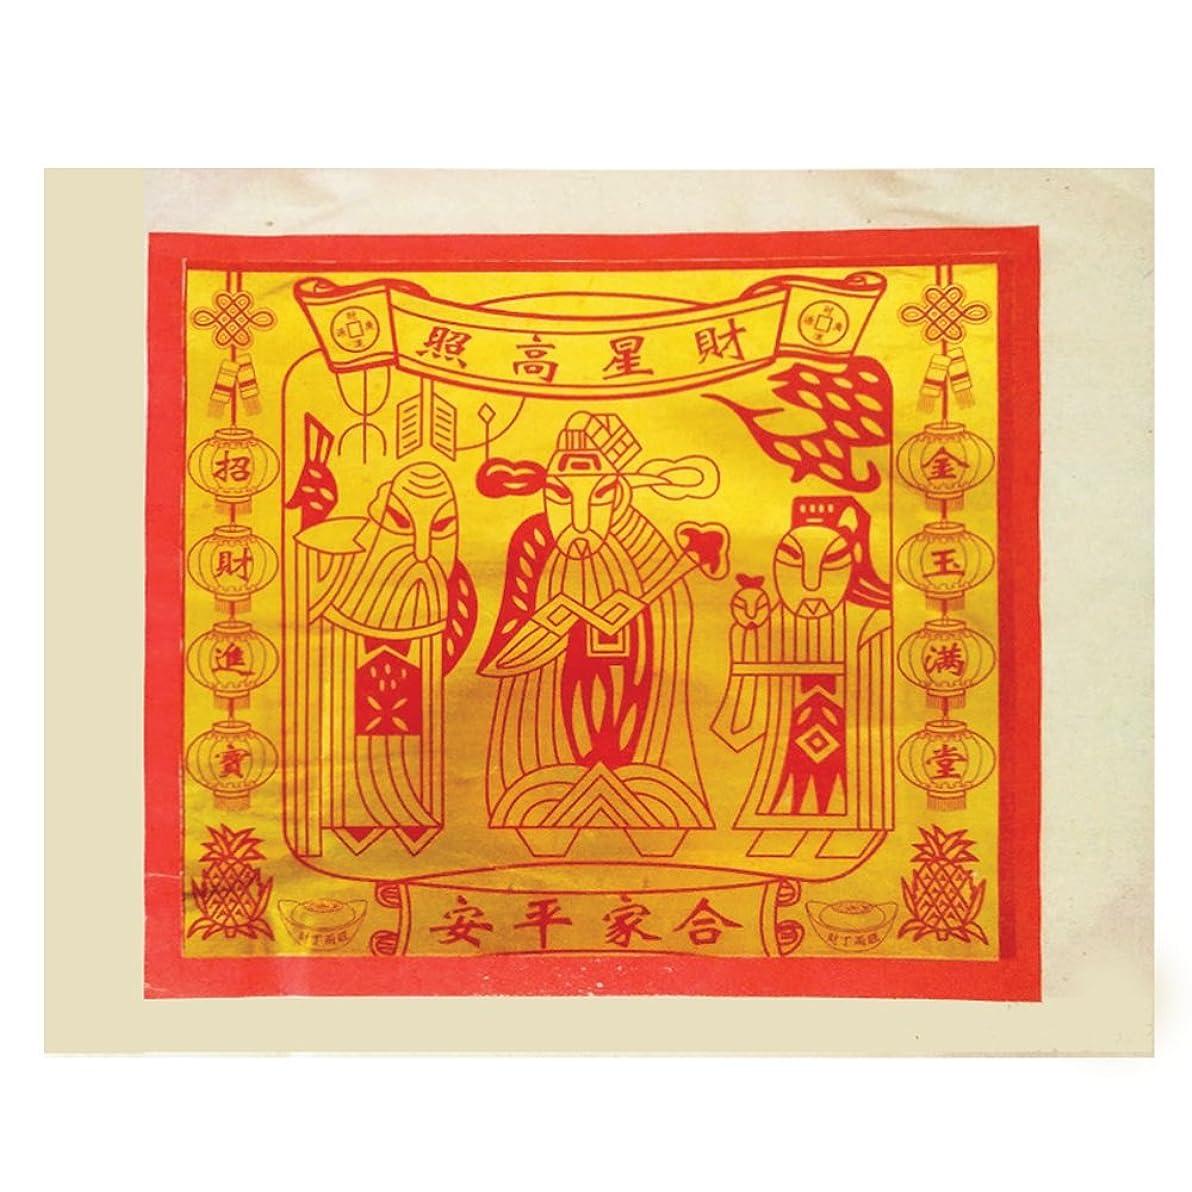 異邦人噂サイクル80pcs Incense用紙/ Joss用紙with Gold Foil ( Mediumサイズ) 10.6インチx 10.4インチ